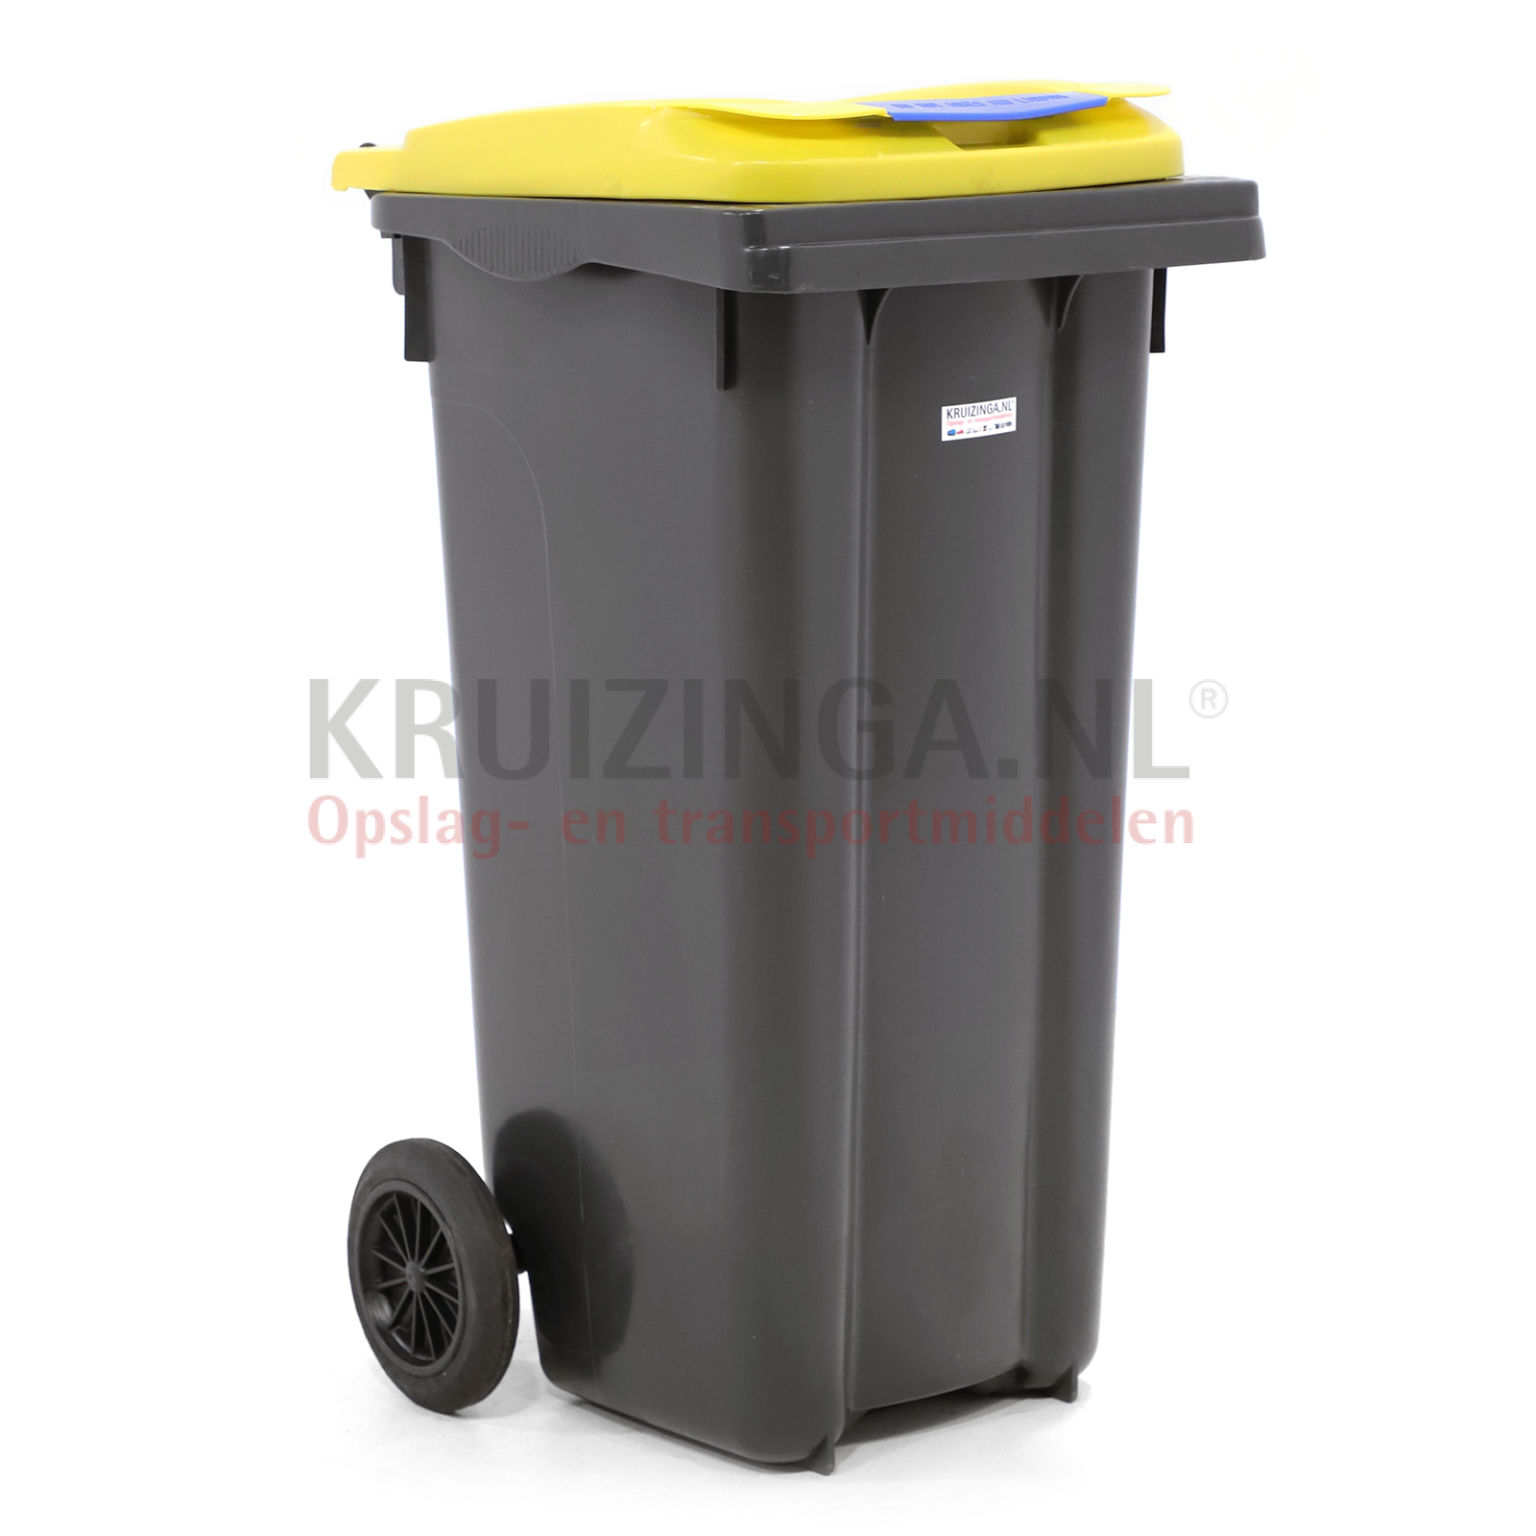 Container Haus Hersteller Polen Fertighaus Bausatz Fertighaus